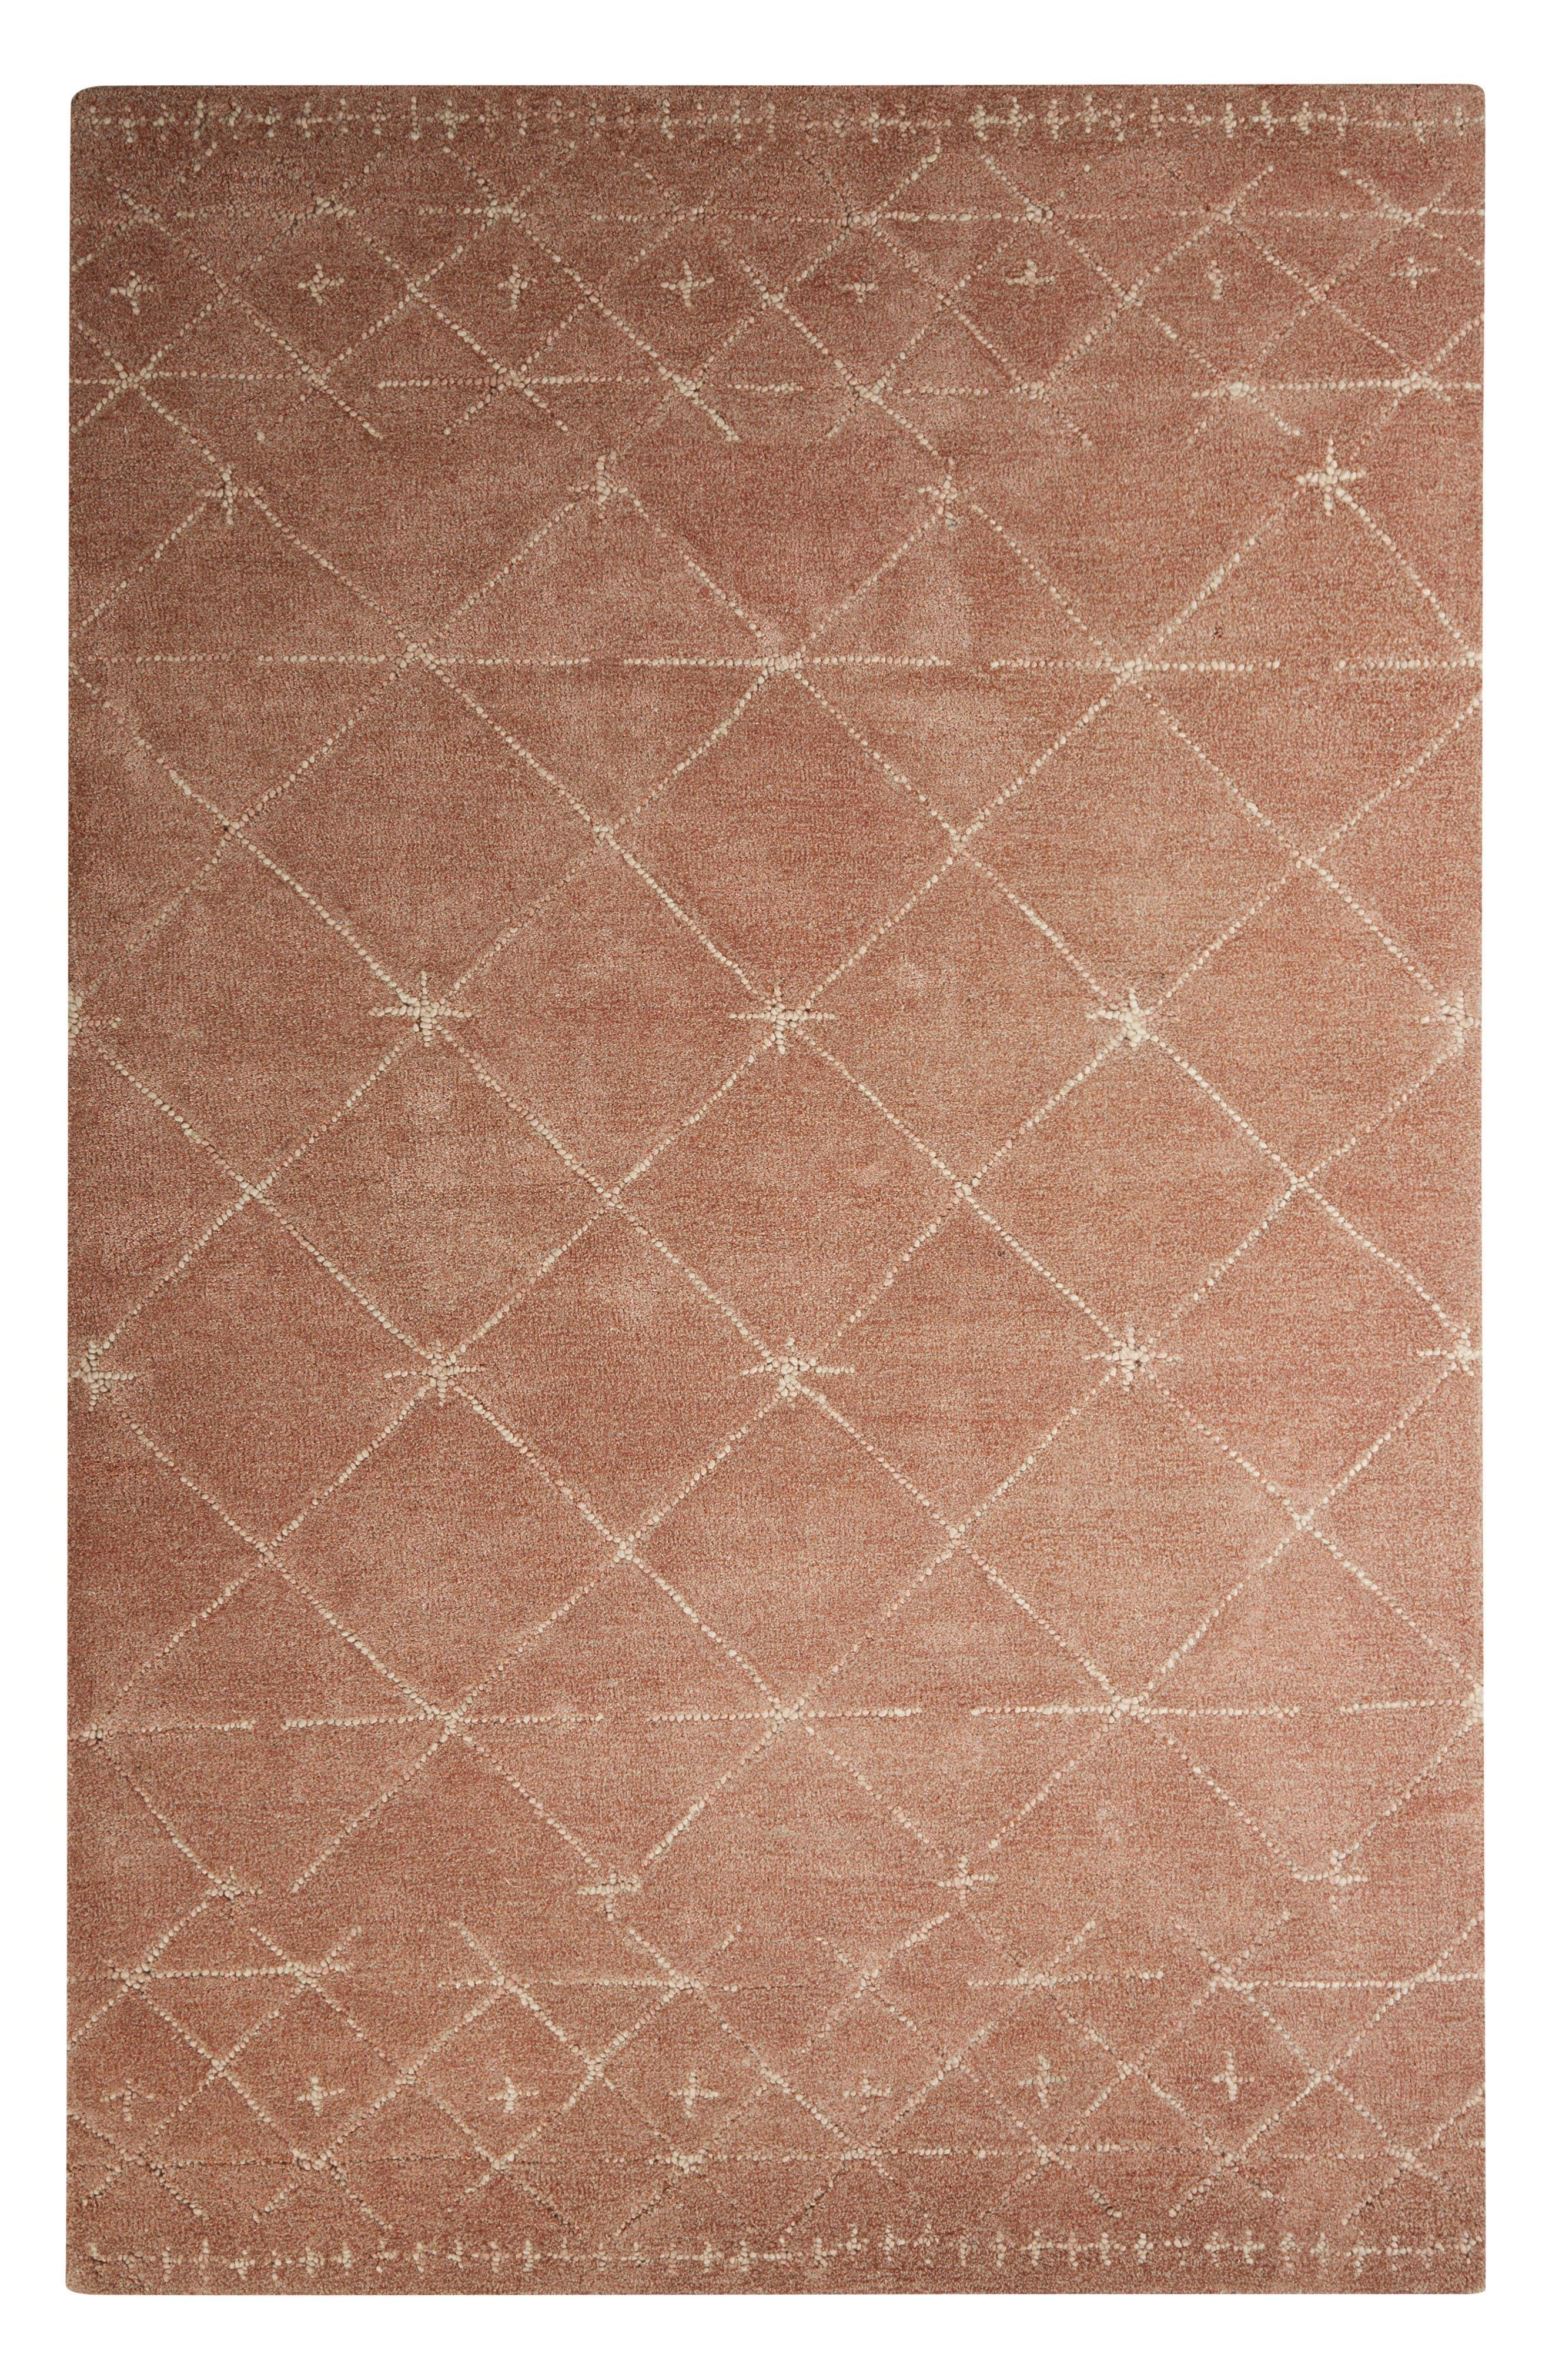 Main Image - Jaipur Vintage Blush Rug